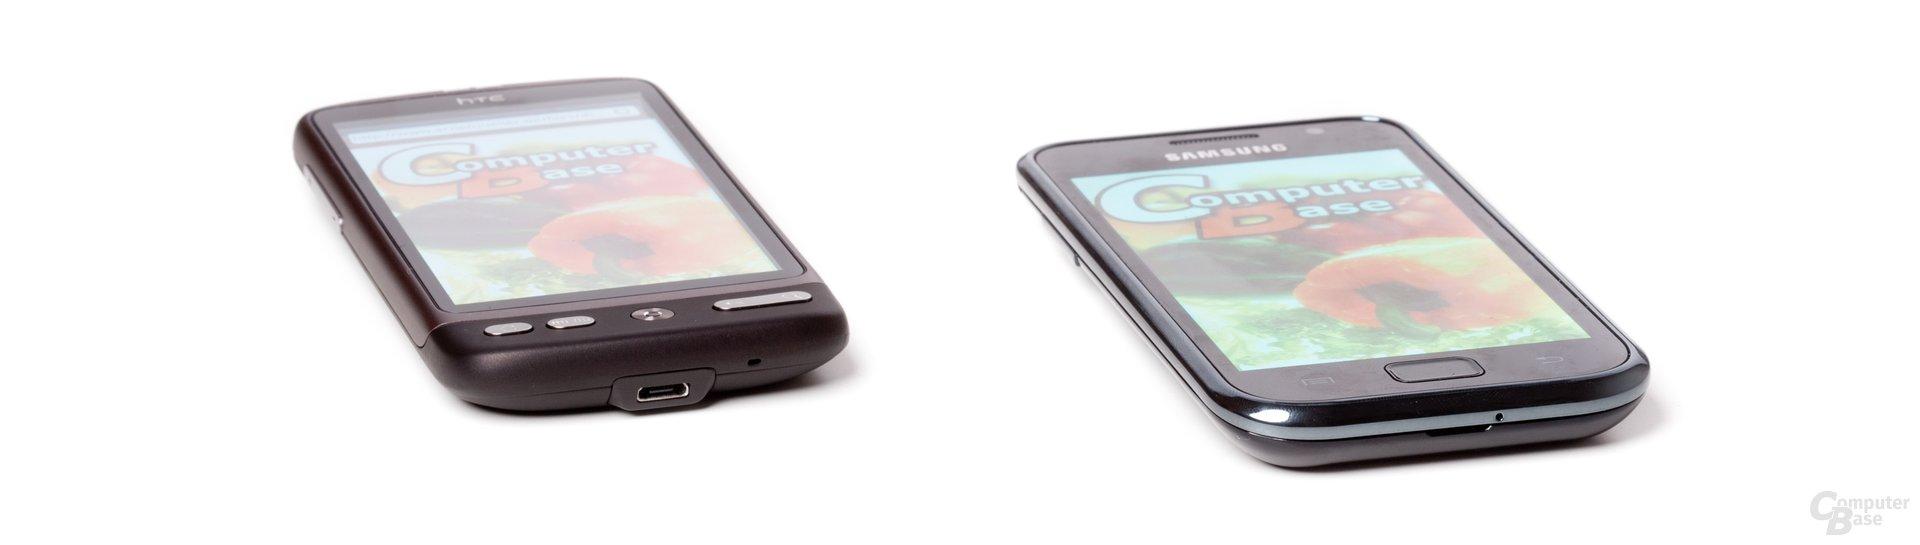 Simuliertes Sonnenlicht (HTC Desire, Samsung Galaxy S I9000)